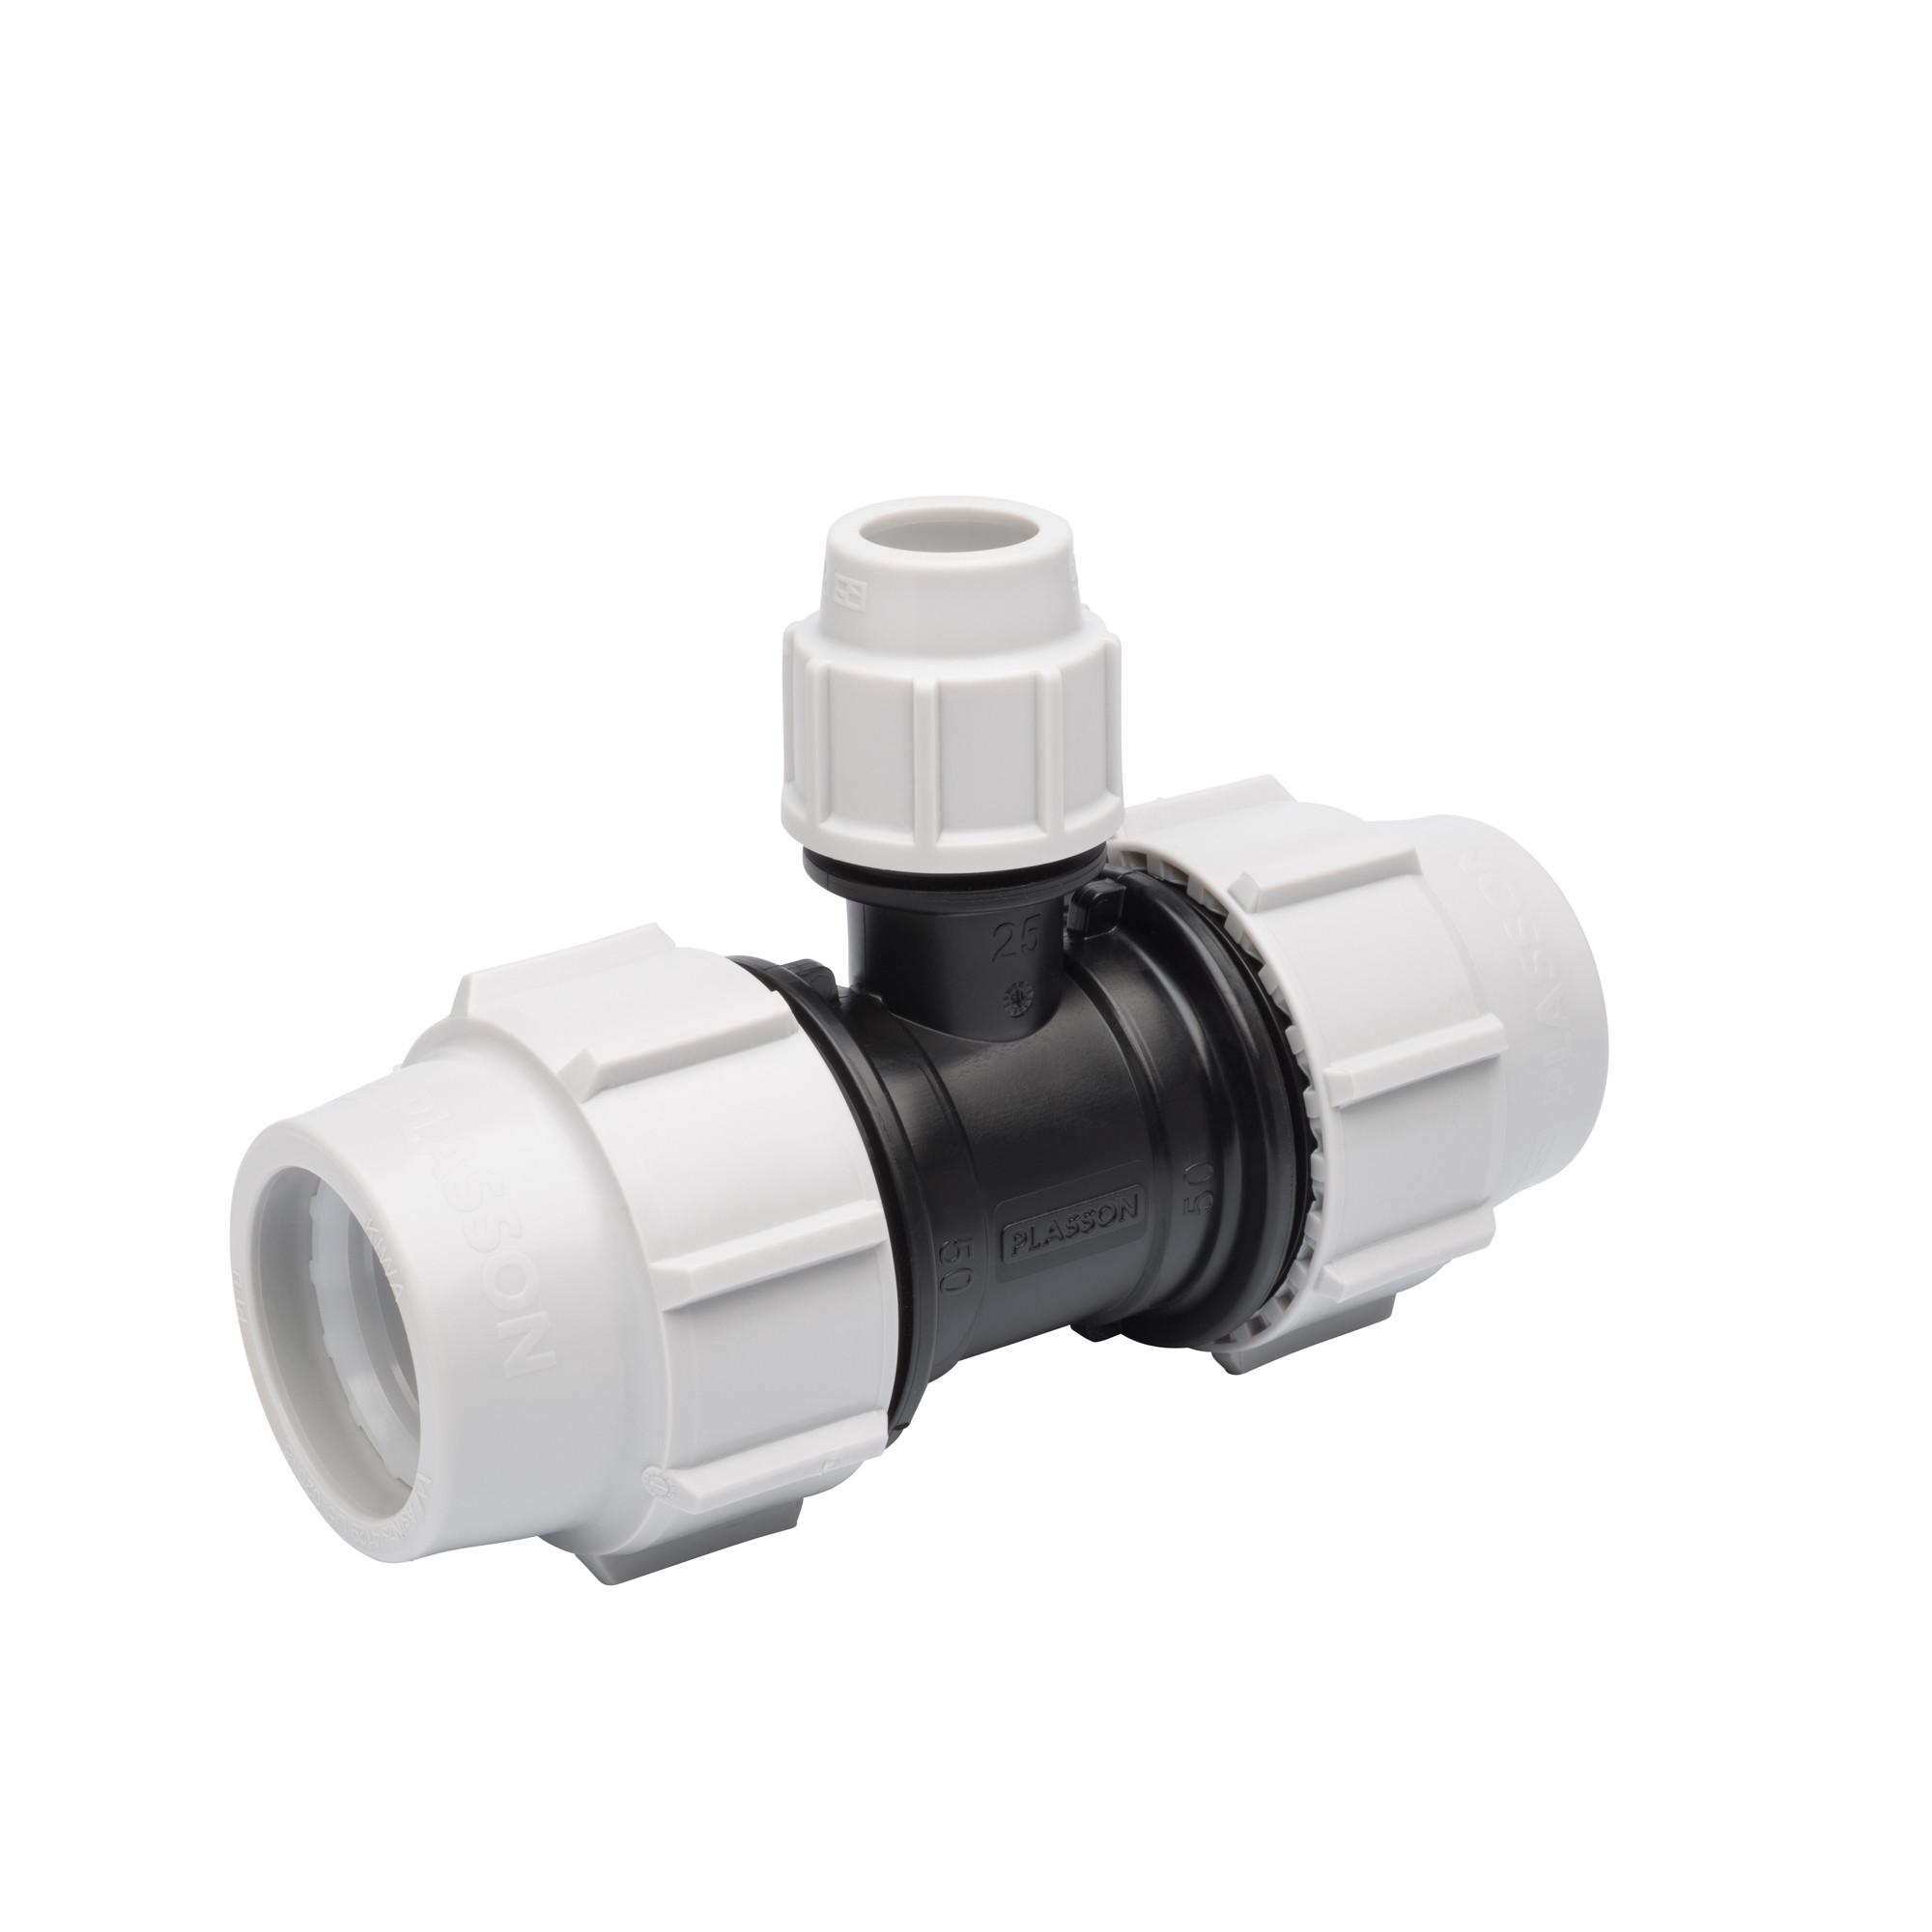 NEW JG Speedfit Water pipe MDPE stop Plug 32mm Plumbing